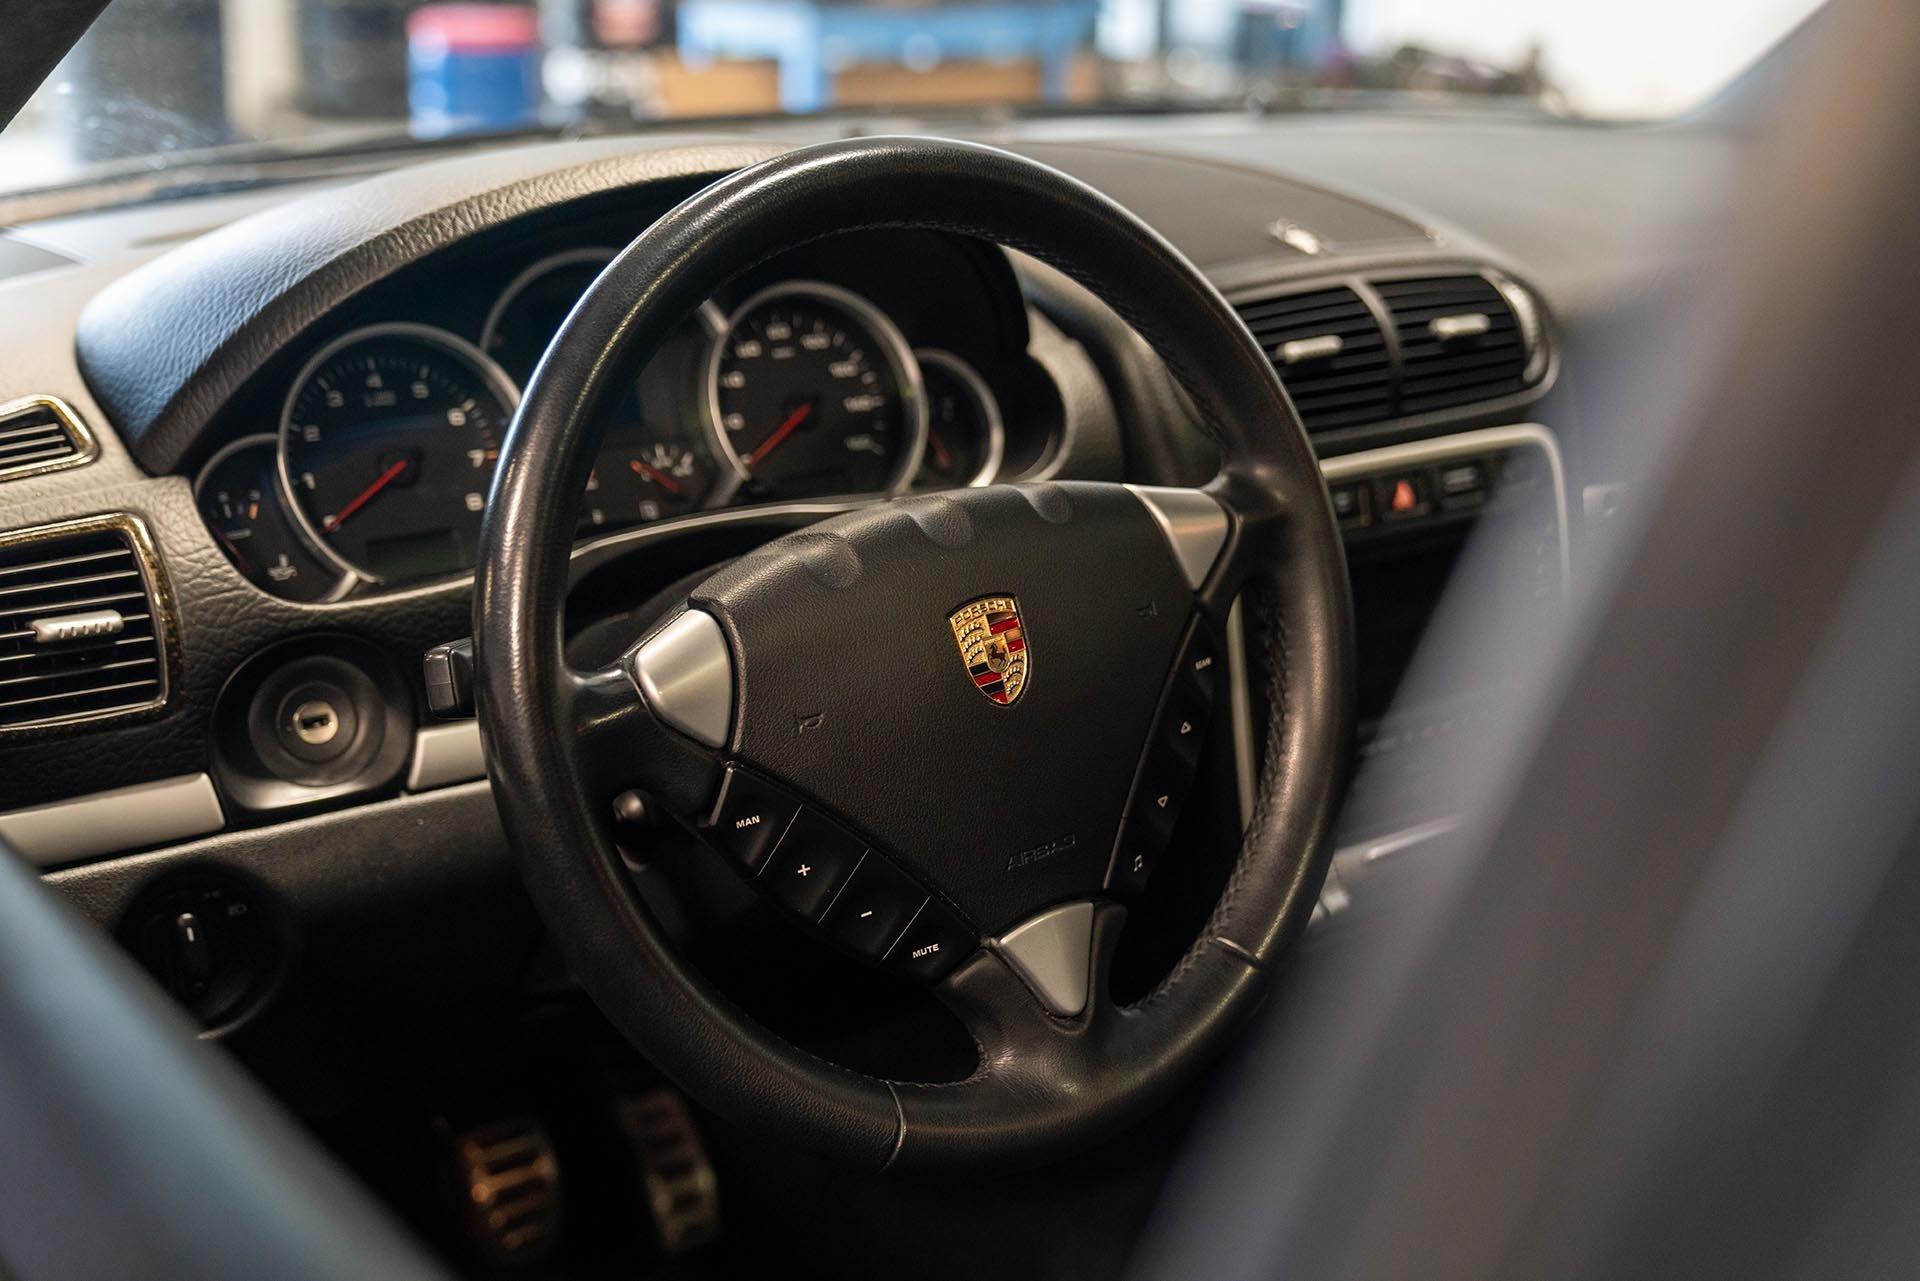 03_Porsche Cayenne 957 GTS steering wheel black on black